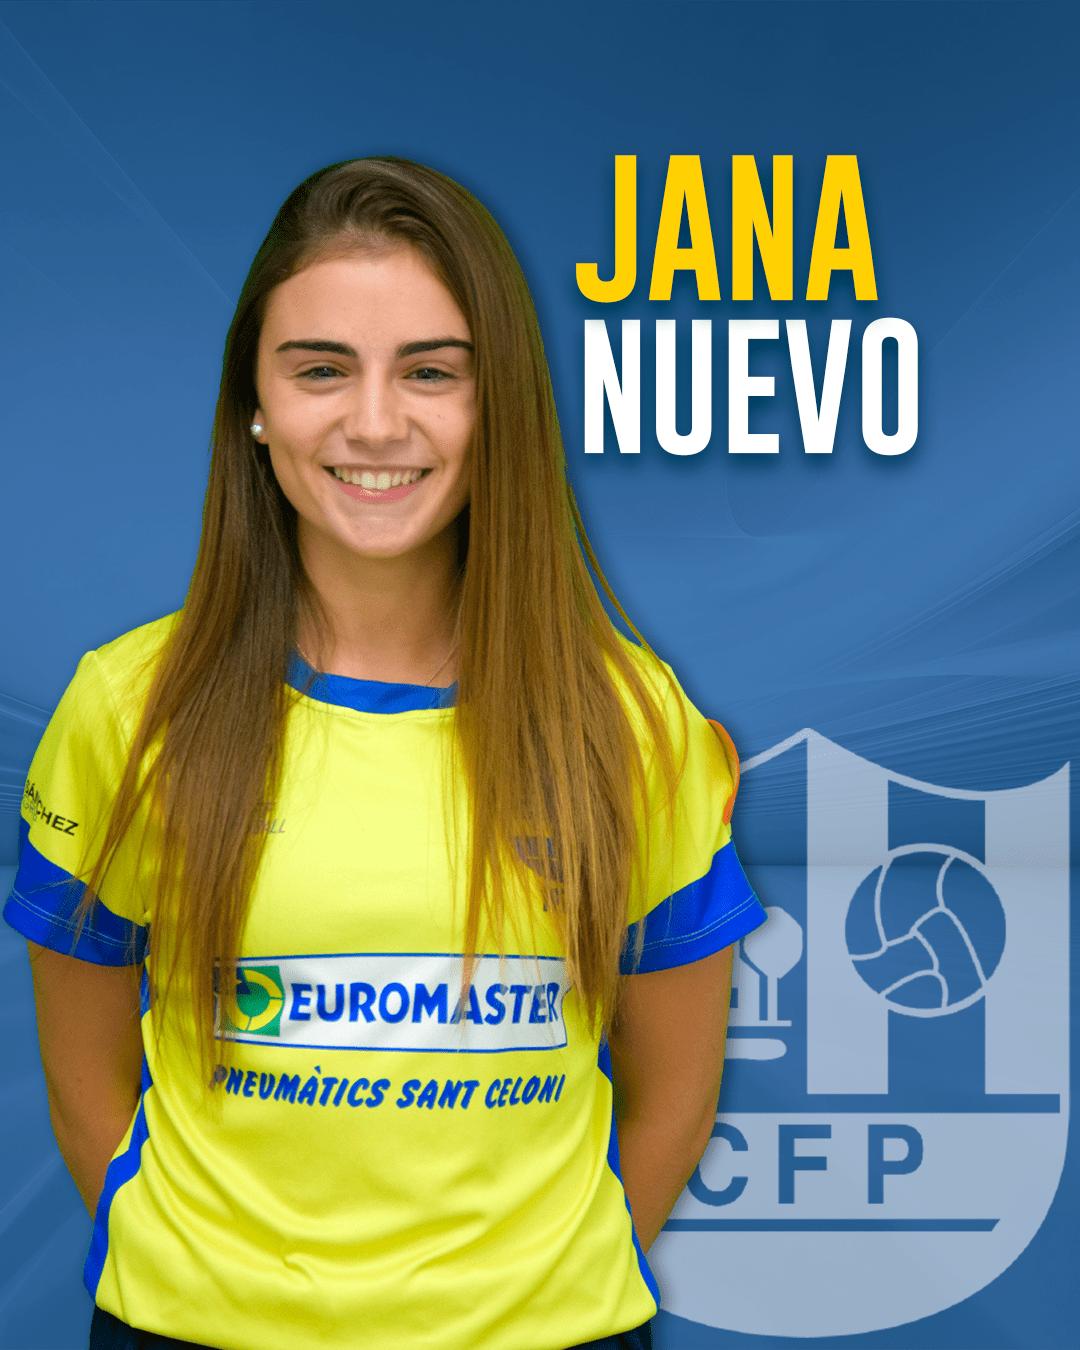 Jana Nuevo